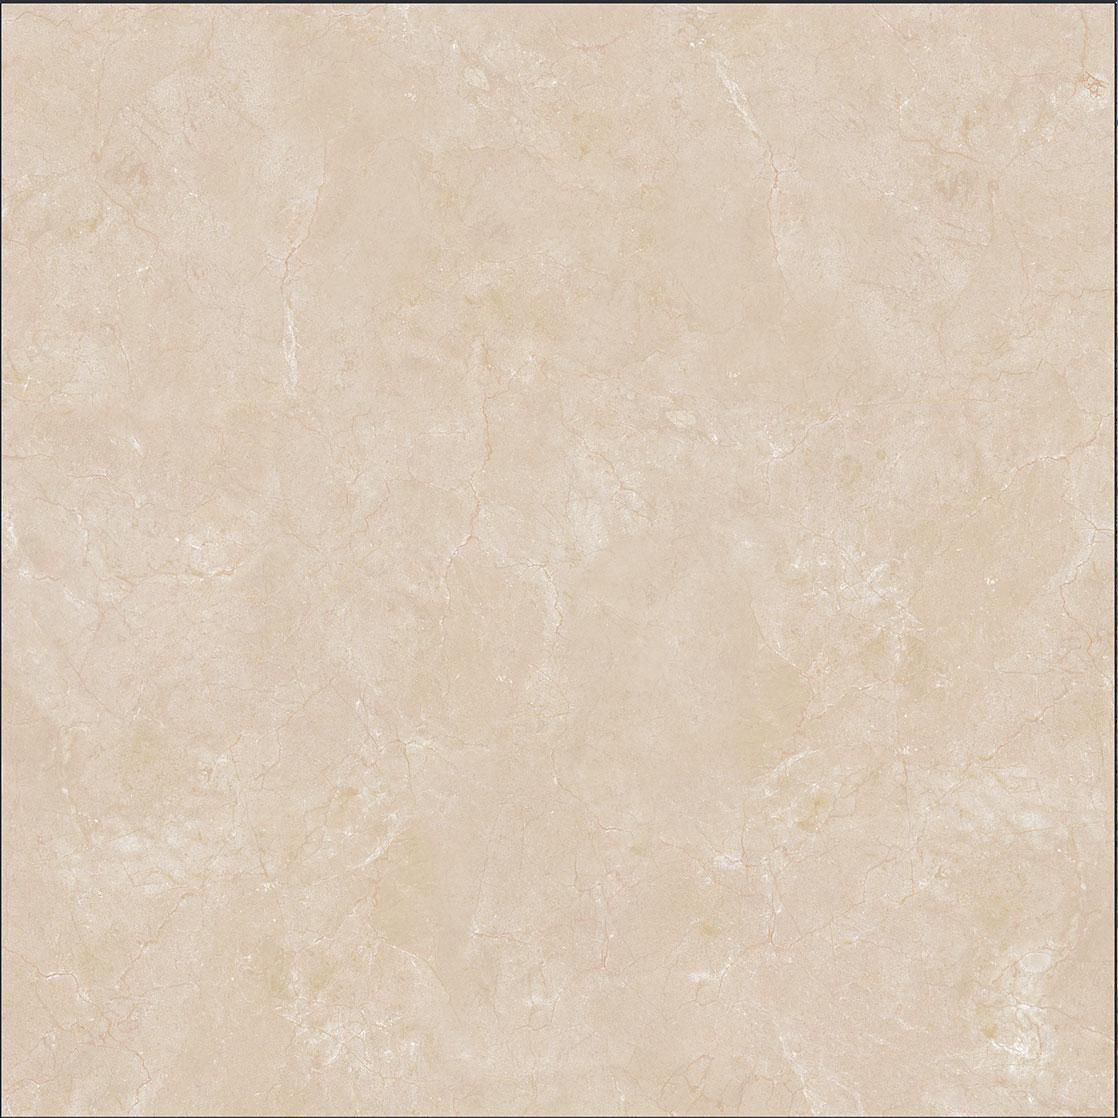 Gạch lát nền vân đá Viglacera B6005 giá rẻ